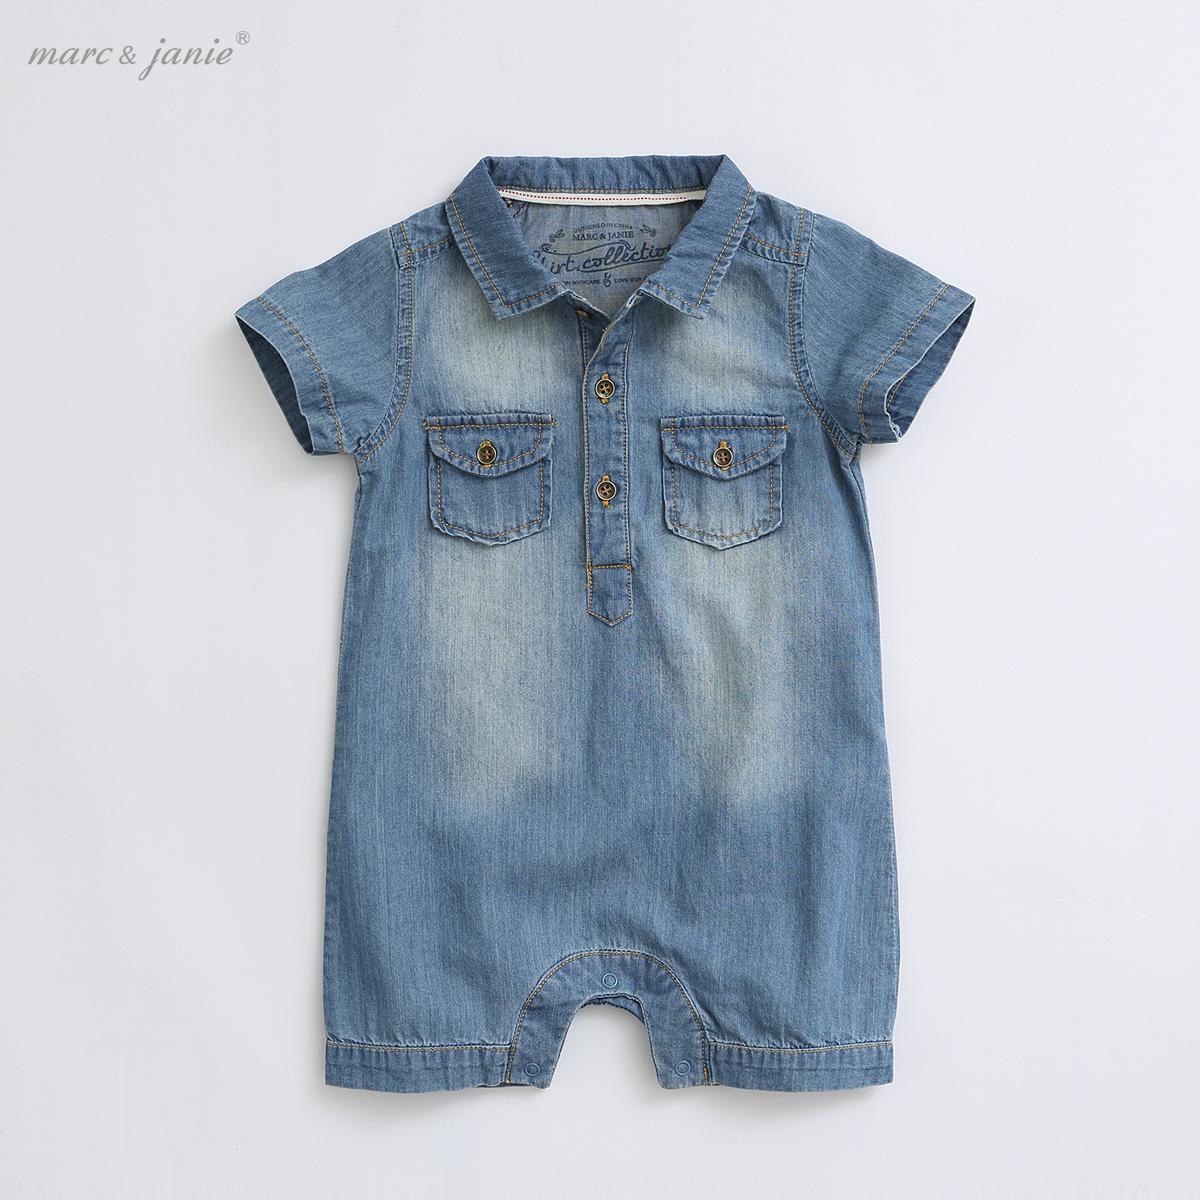 Makezhenni Детская одежда мягкой джинсовой ткани комбинезон цельный ребенка одежду хлопка младенца платье ребенка MJ13099